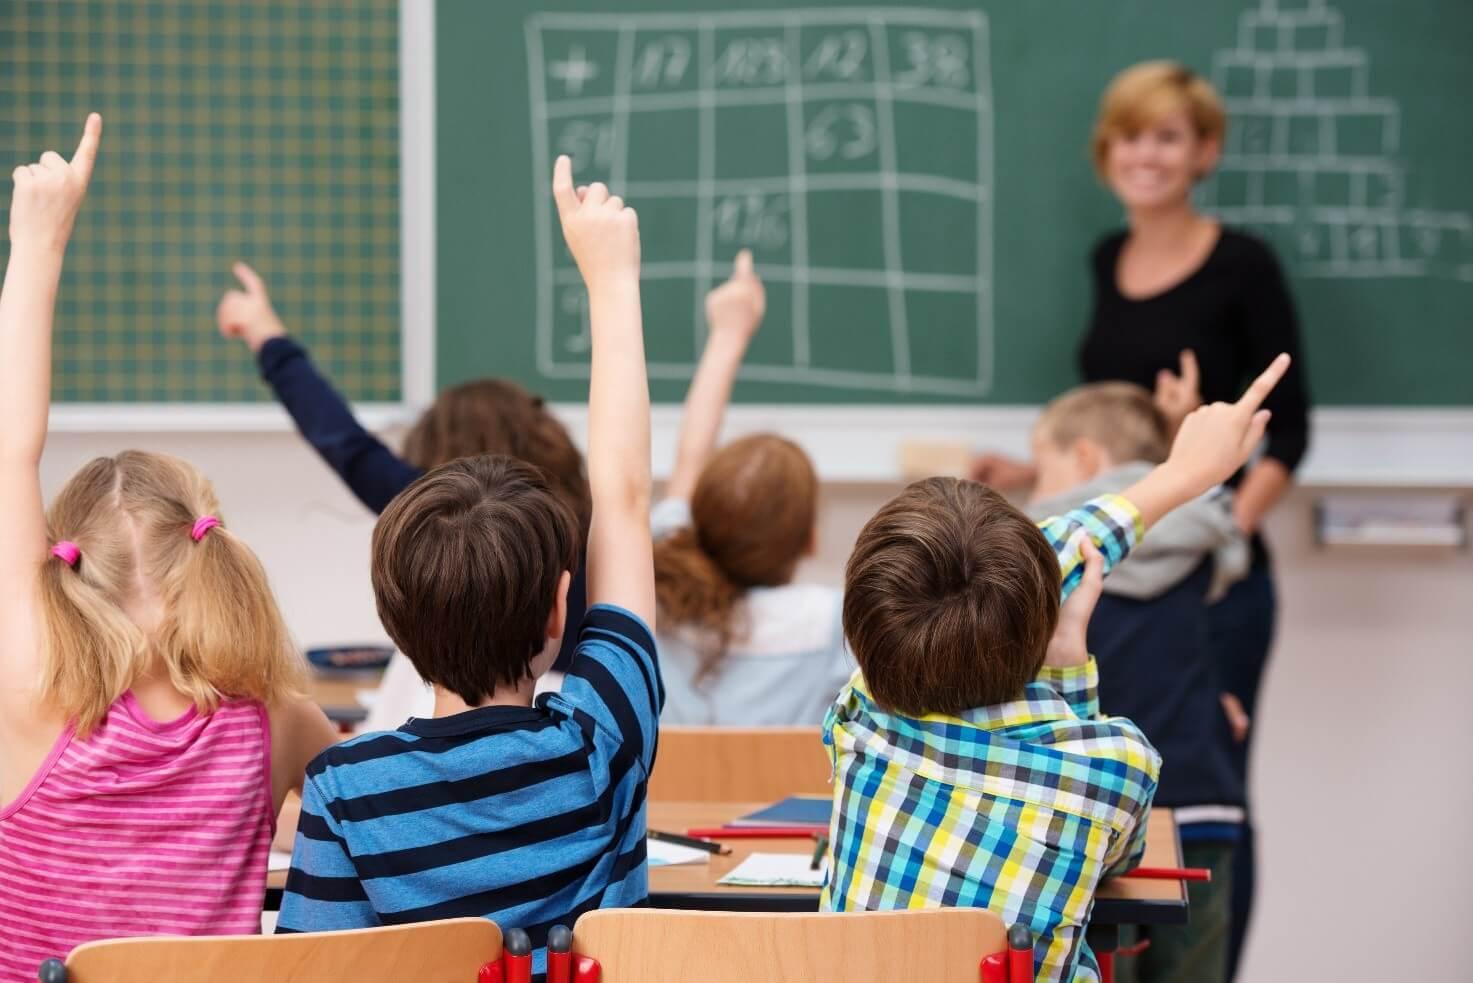 zarobki nauczycieli w 2020 roku, nauczyciel, szkola